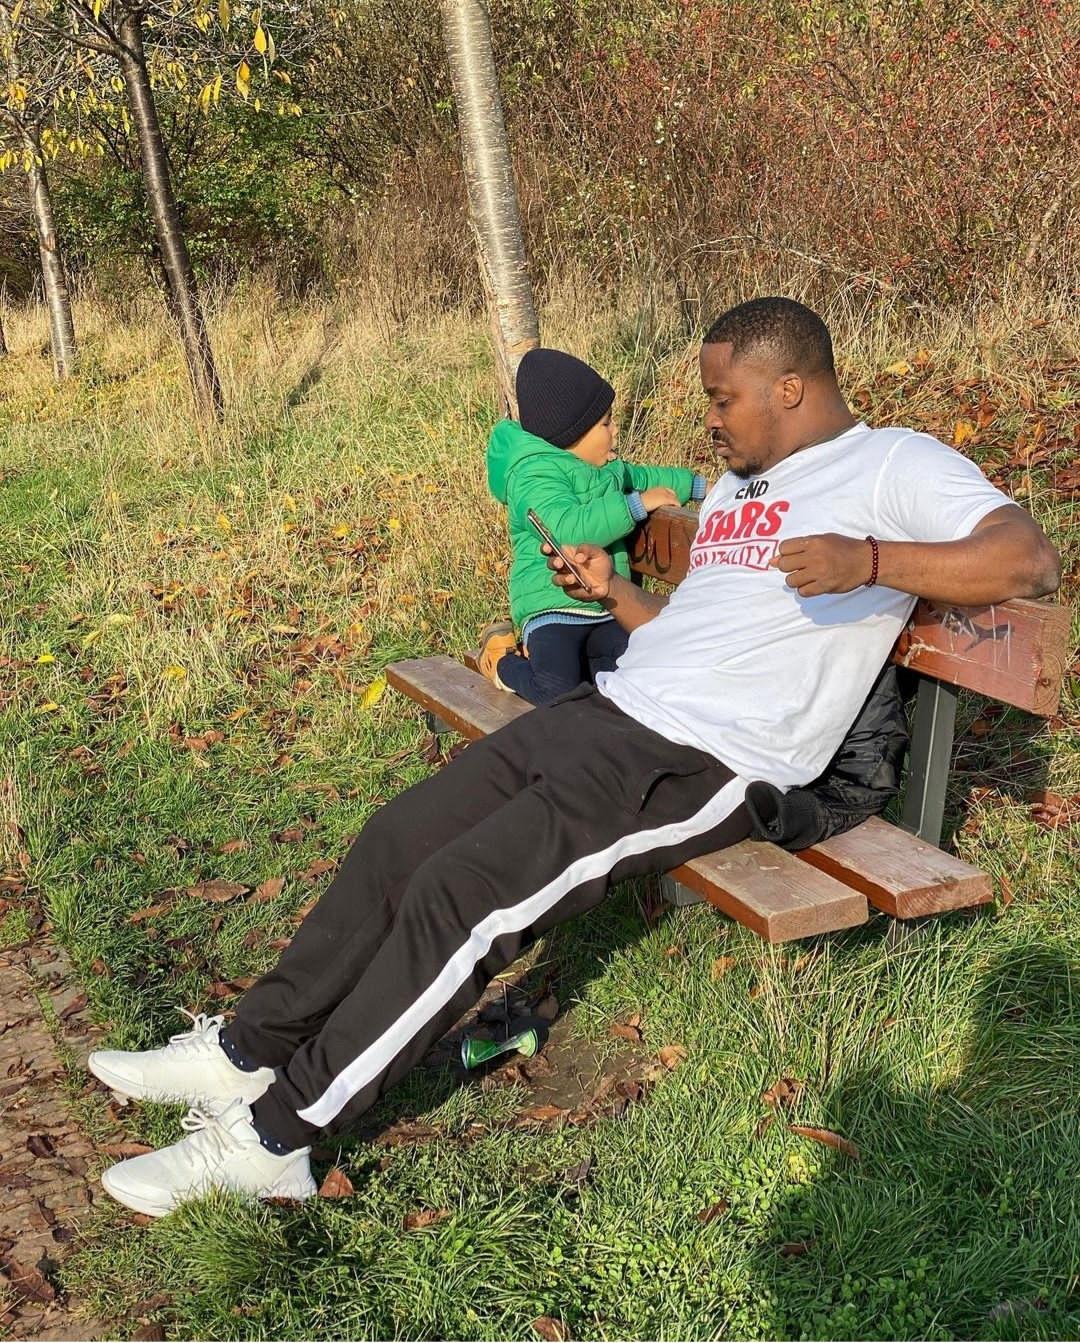 Jaywon shows off his son, Brayden, in adorable photos